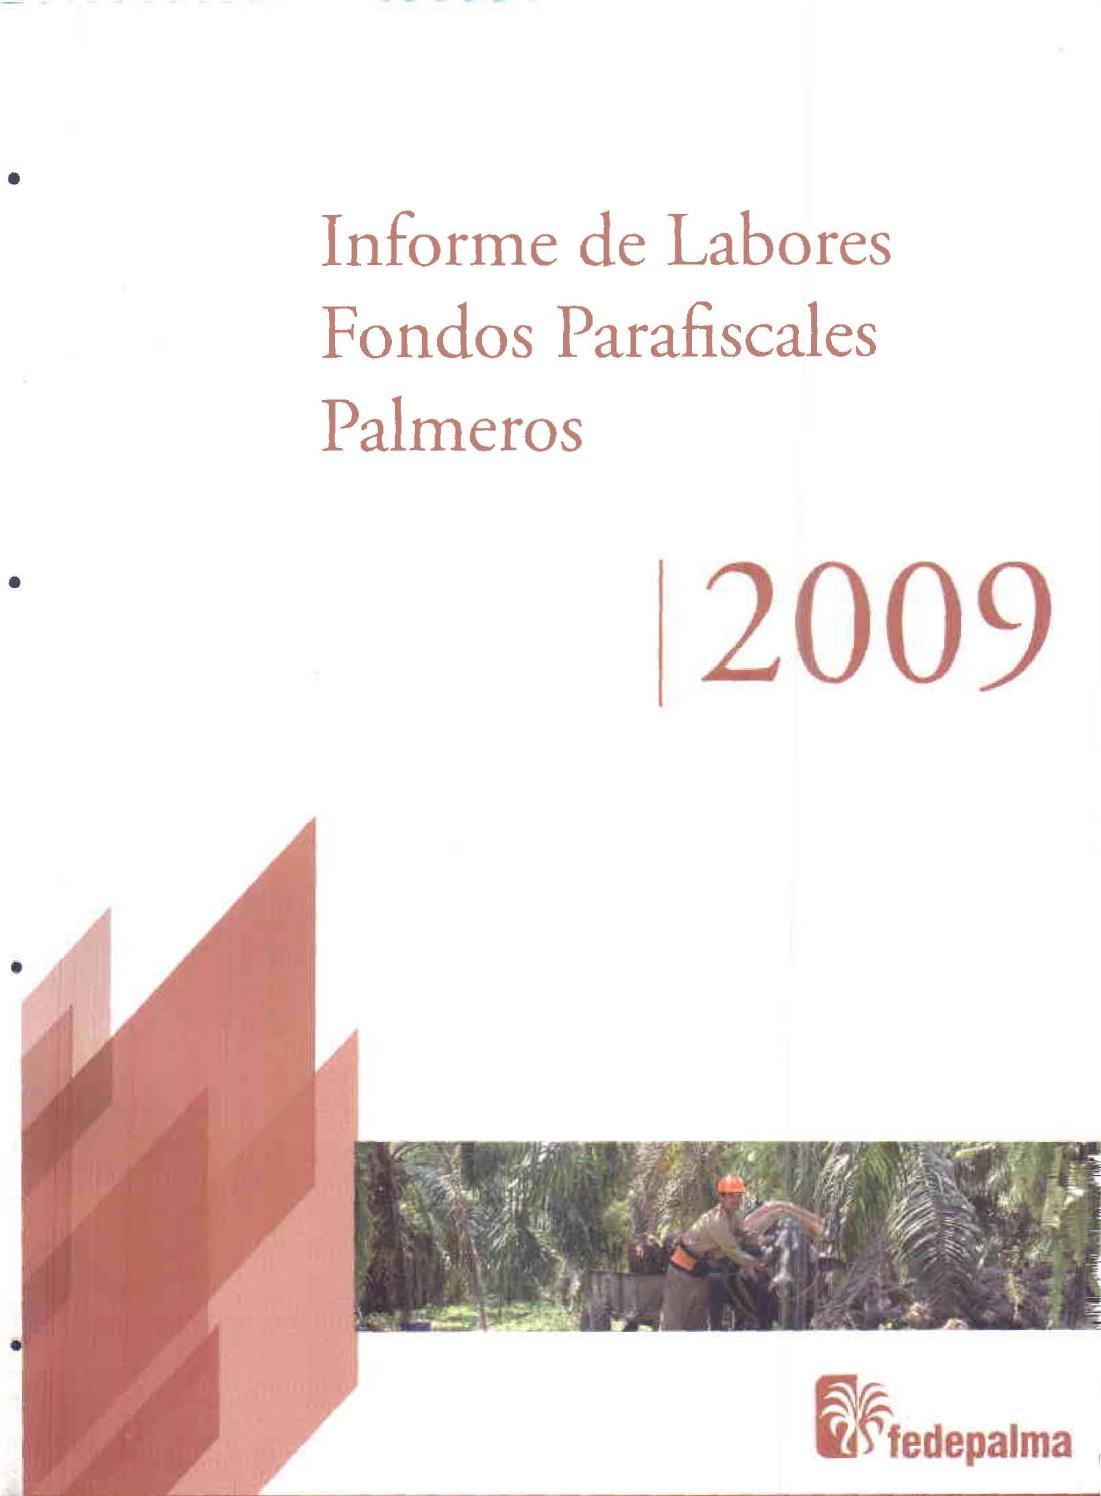 Informe de labores fondos parafiscales palmeros 2009 by Fedepalma ...